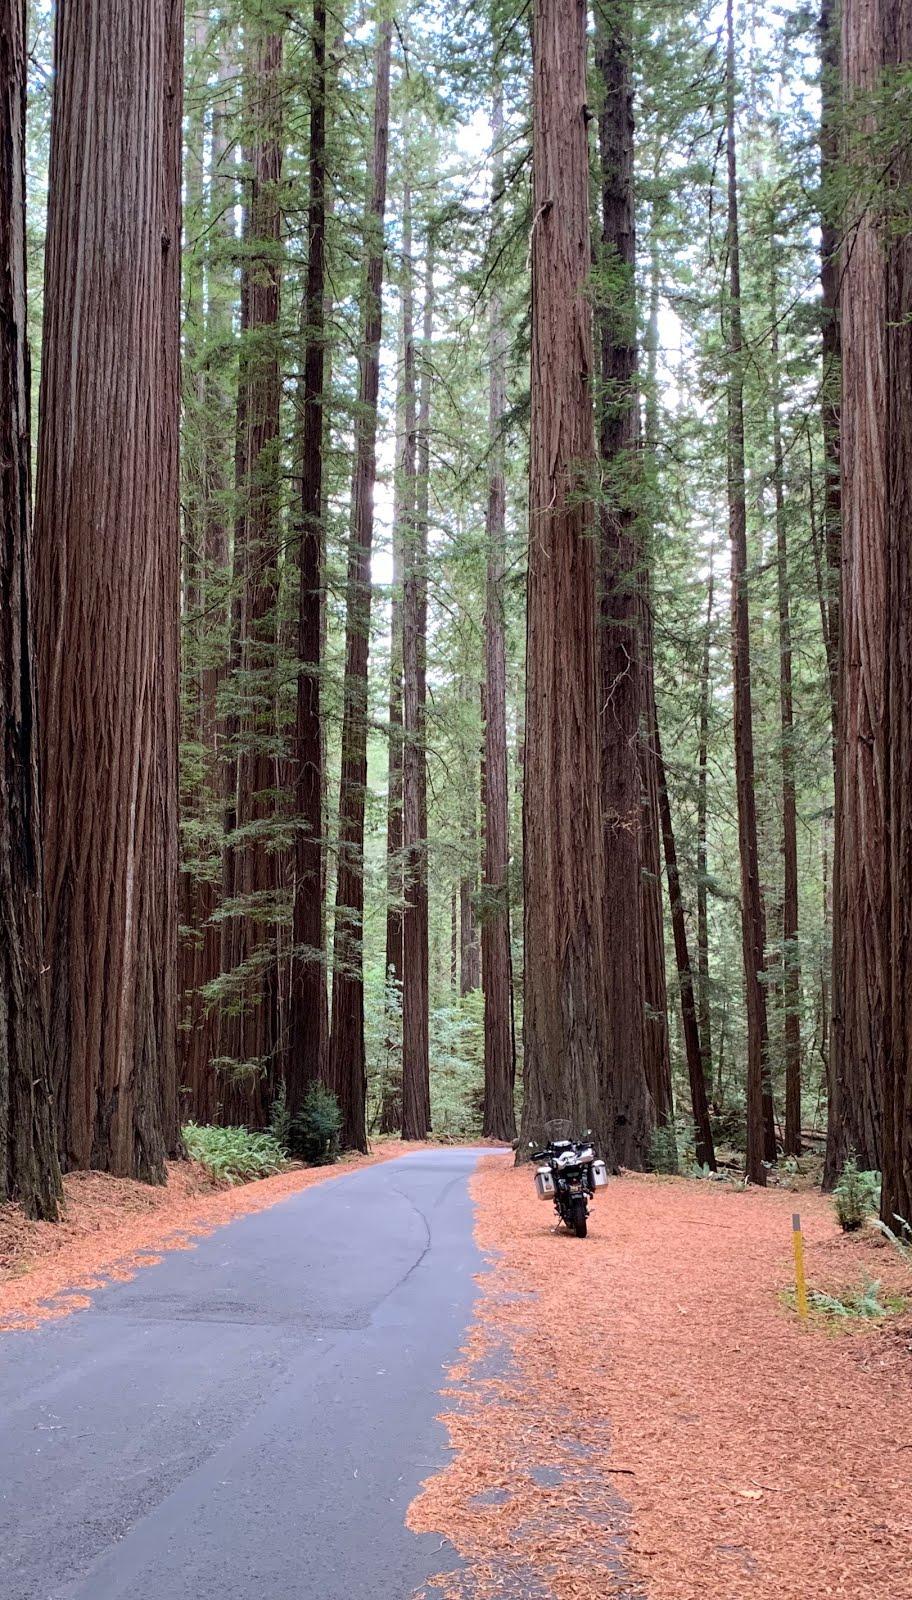 Backdoor to the Redwoods